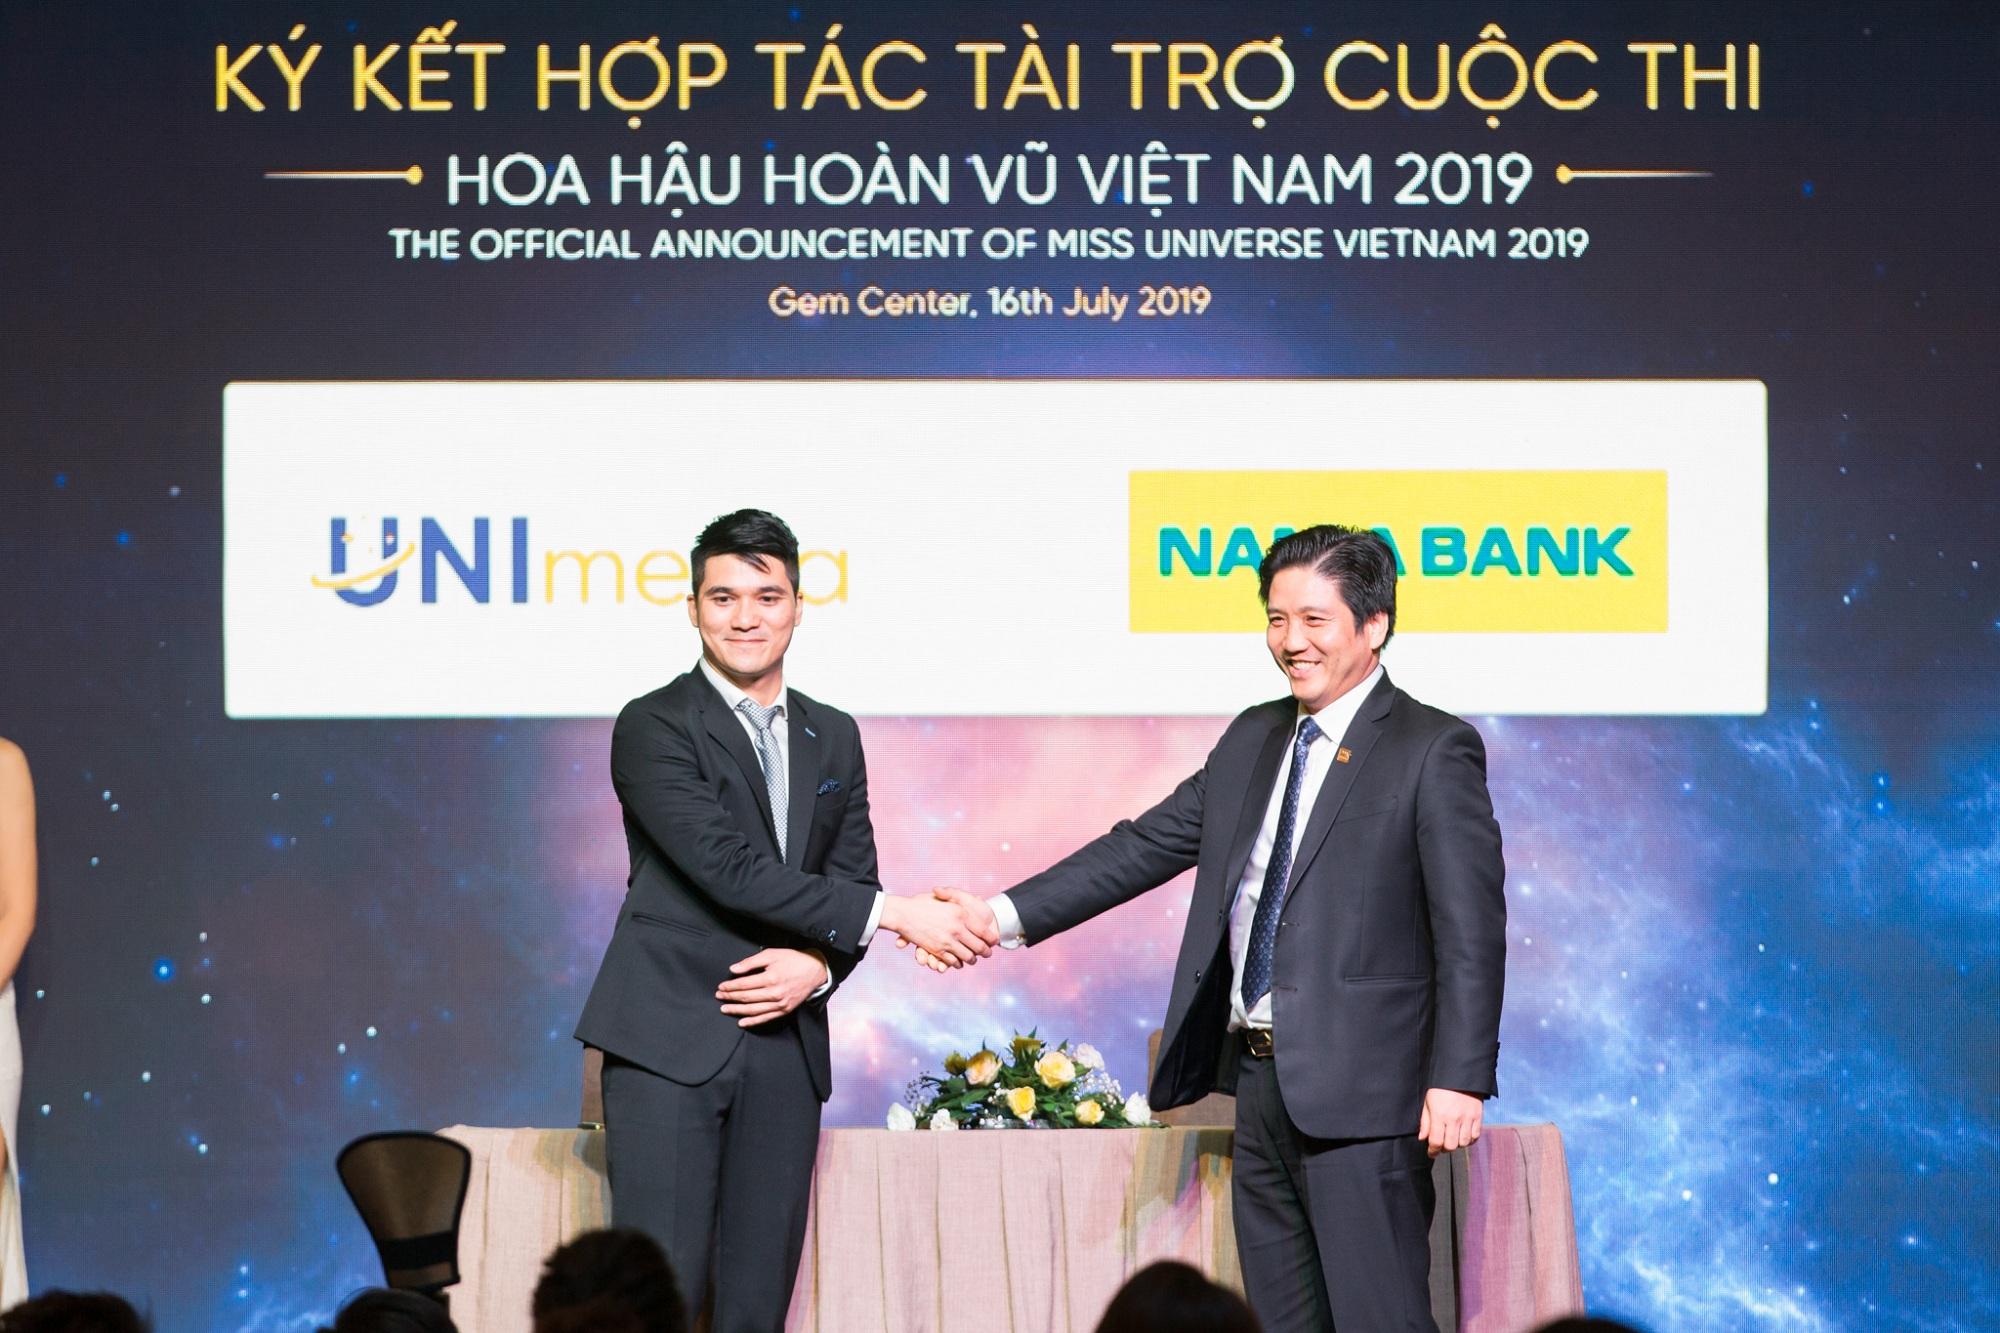 Nam Á Bank - Ngân hàng chính thức đồng hành xuyên suốt cùng cuộc thi hoa hậu hoàn vũ Việt Nam 2019  - Ảnh 1